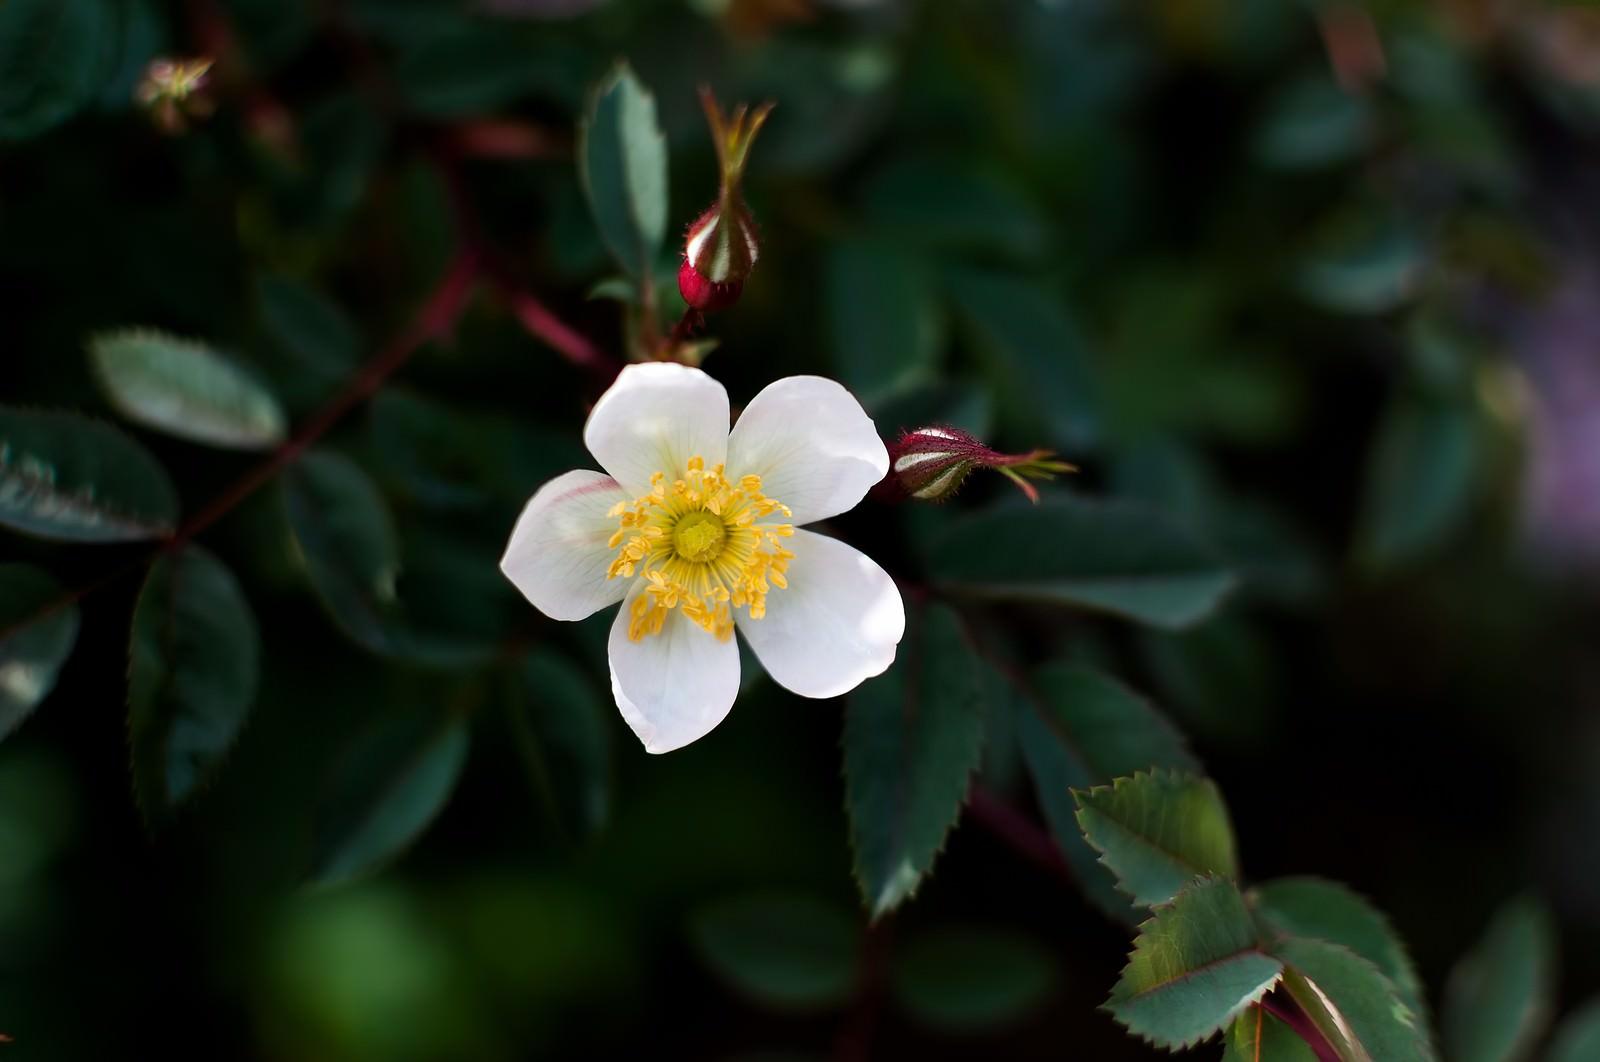 「一重のバラ一重のバラ」のフリー写真素材を拡大